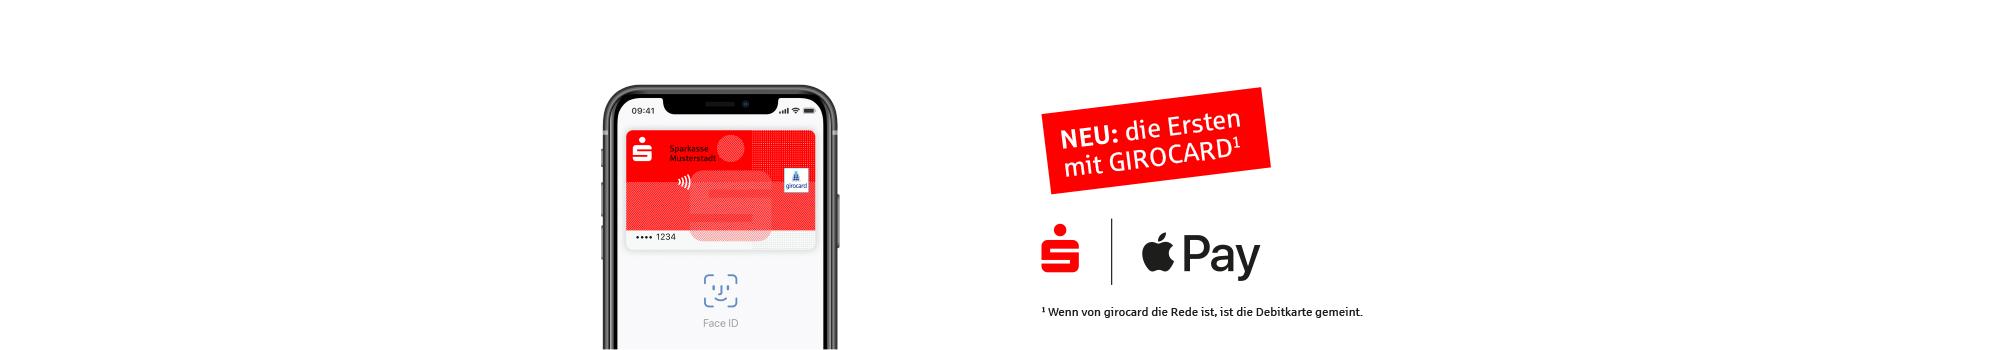 Apple mit der Sparkassencard